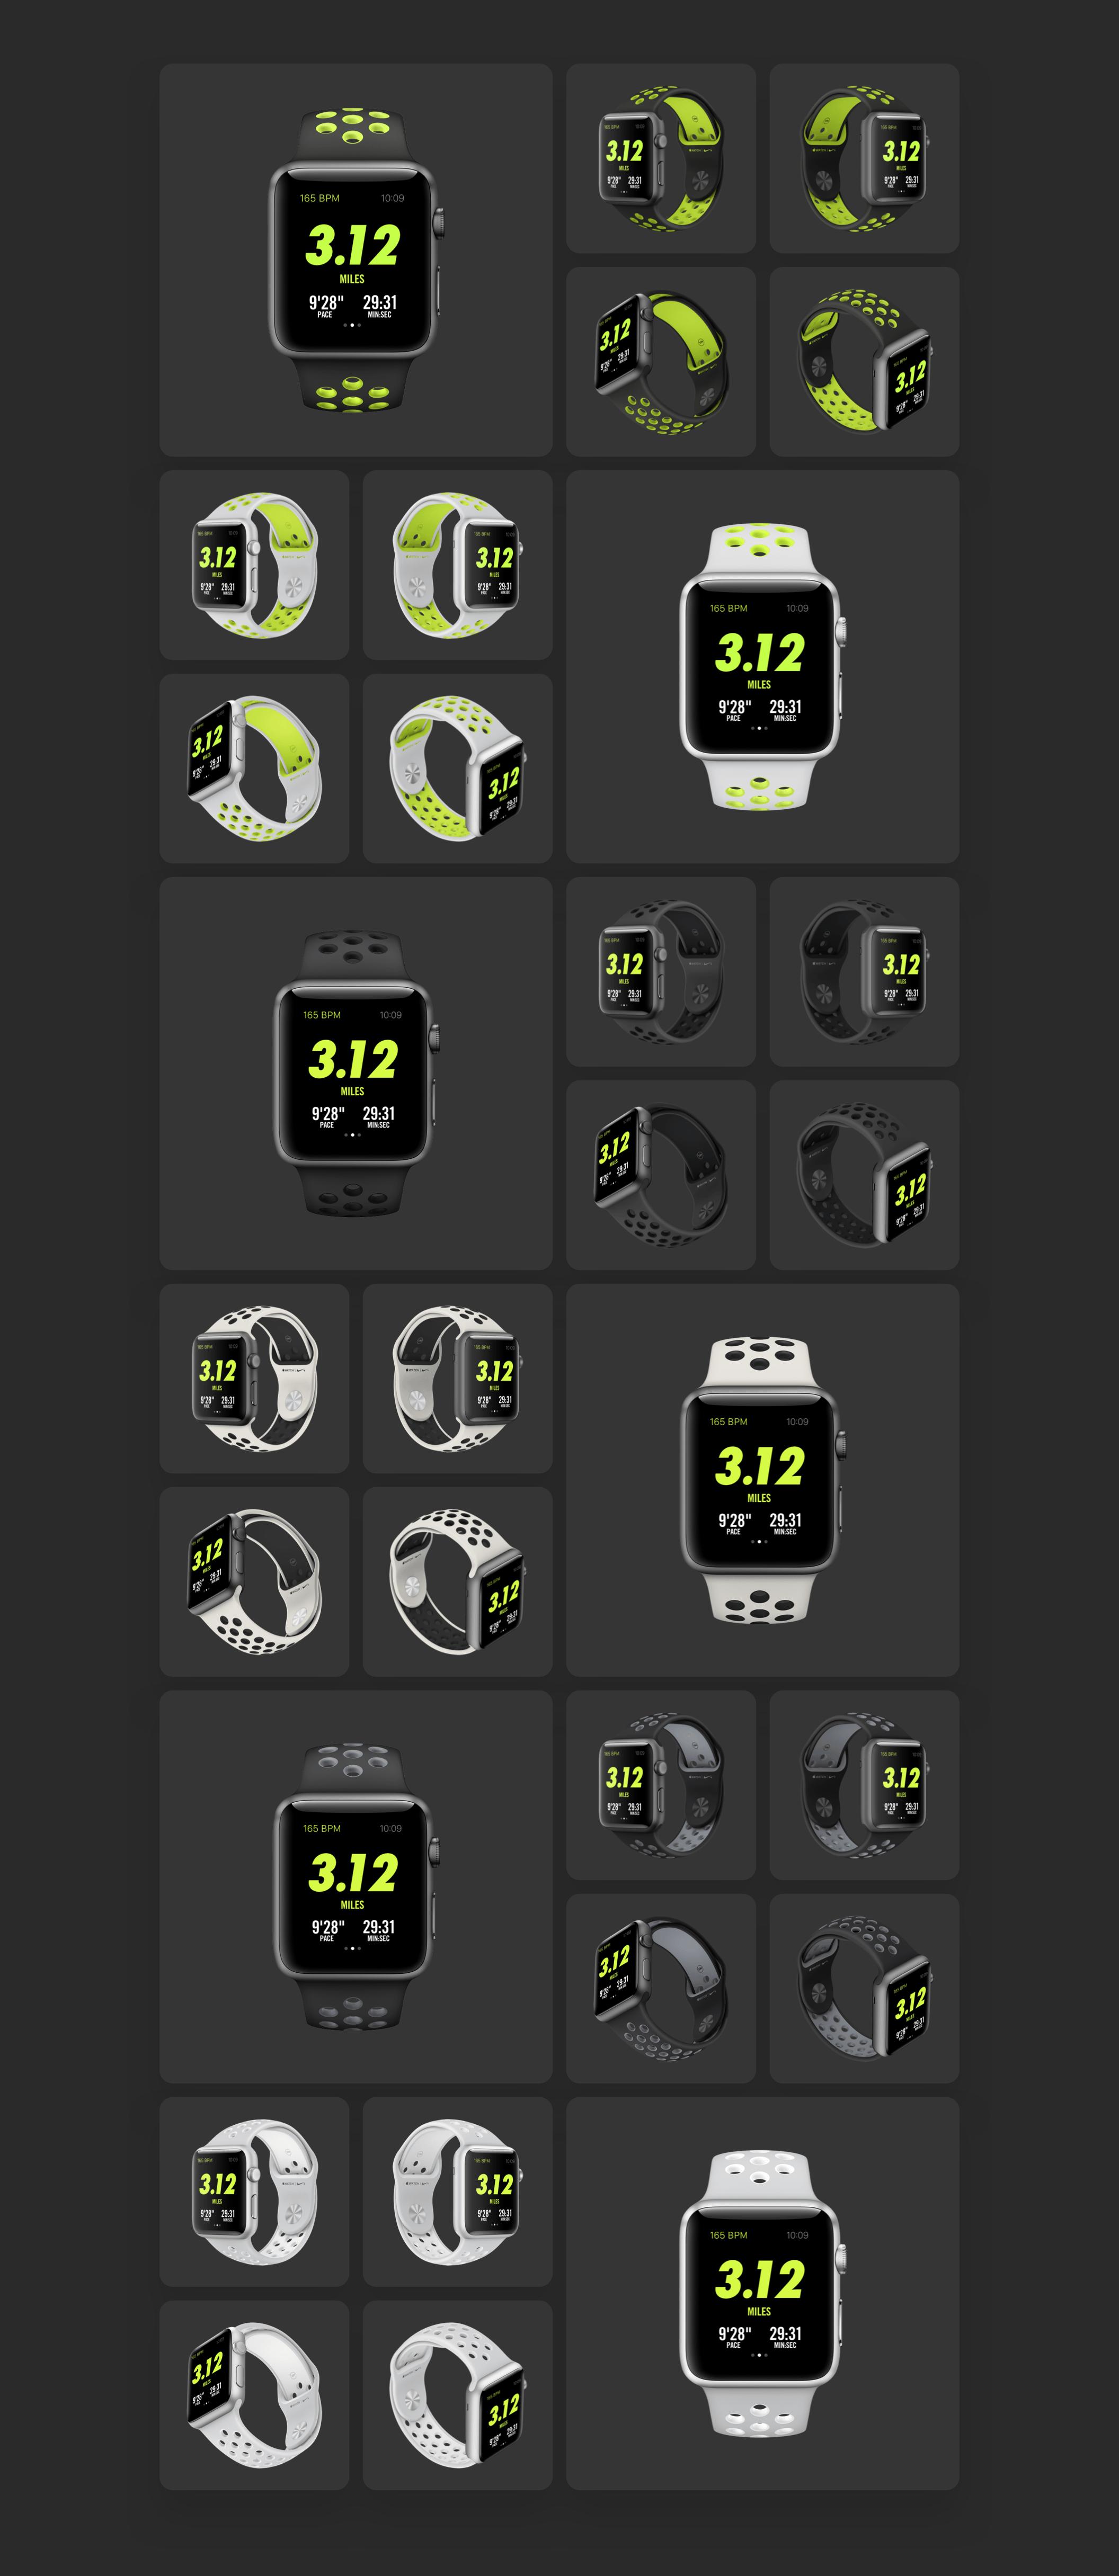 5款前视图苹果手表Apple Watch展示样机 Top 5 Apple Watch Views插图(8)